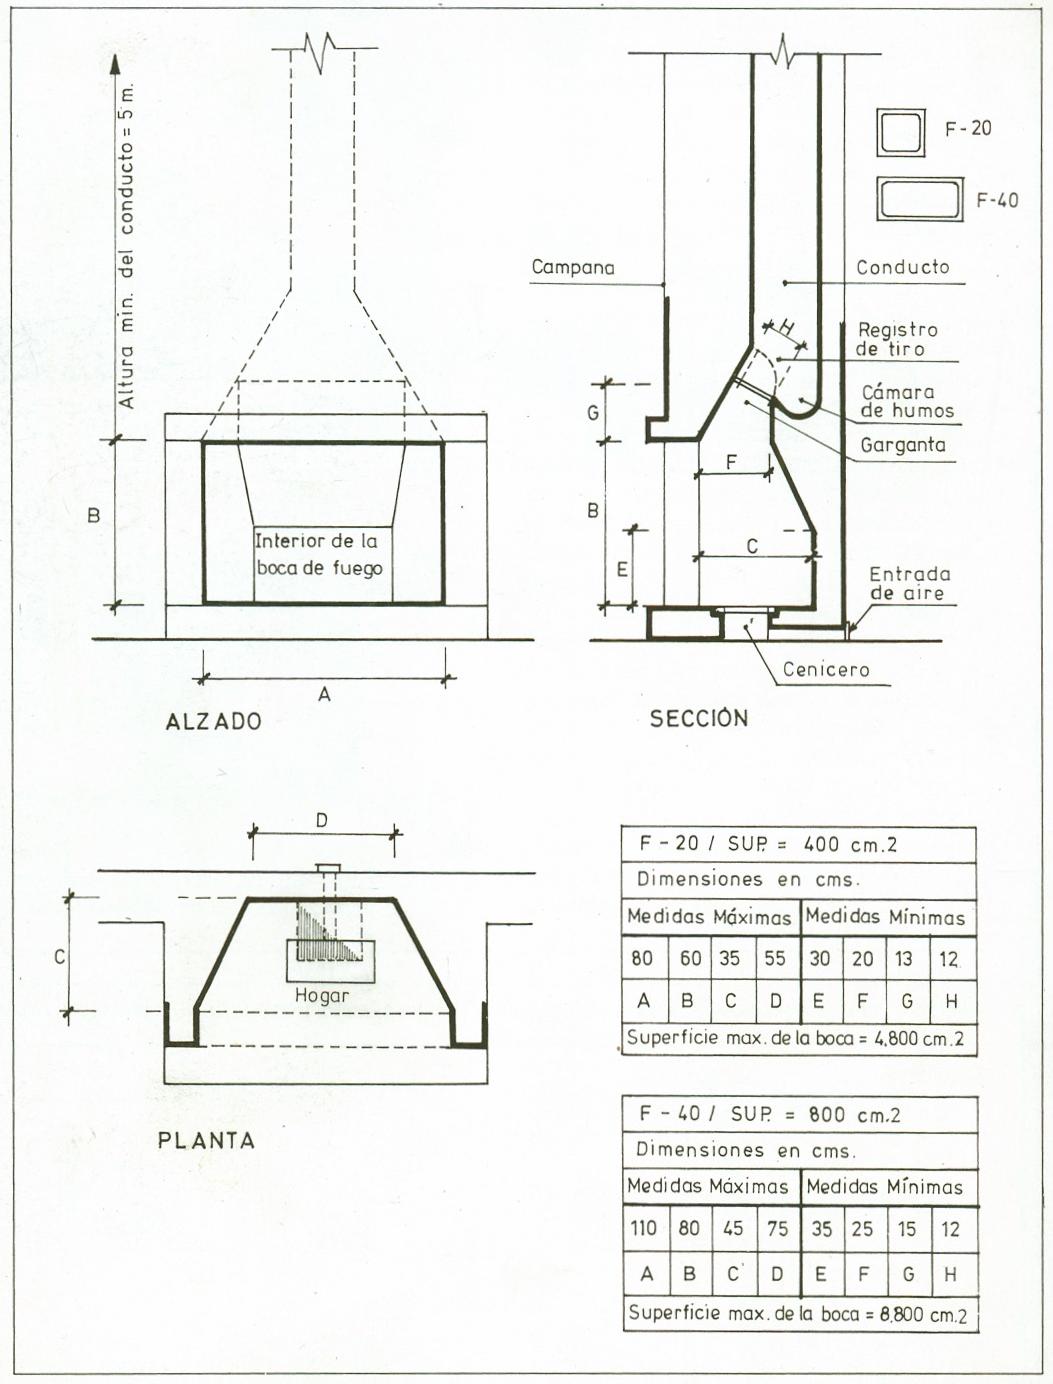 En El Transcurso Del Tiempo Las Chimeneas De Hogar Han Sufrido Altibajos En Su Utilización Viéndose Obligadas Chimney Design Fireplace Design Barbecue Design